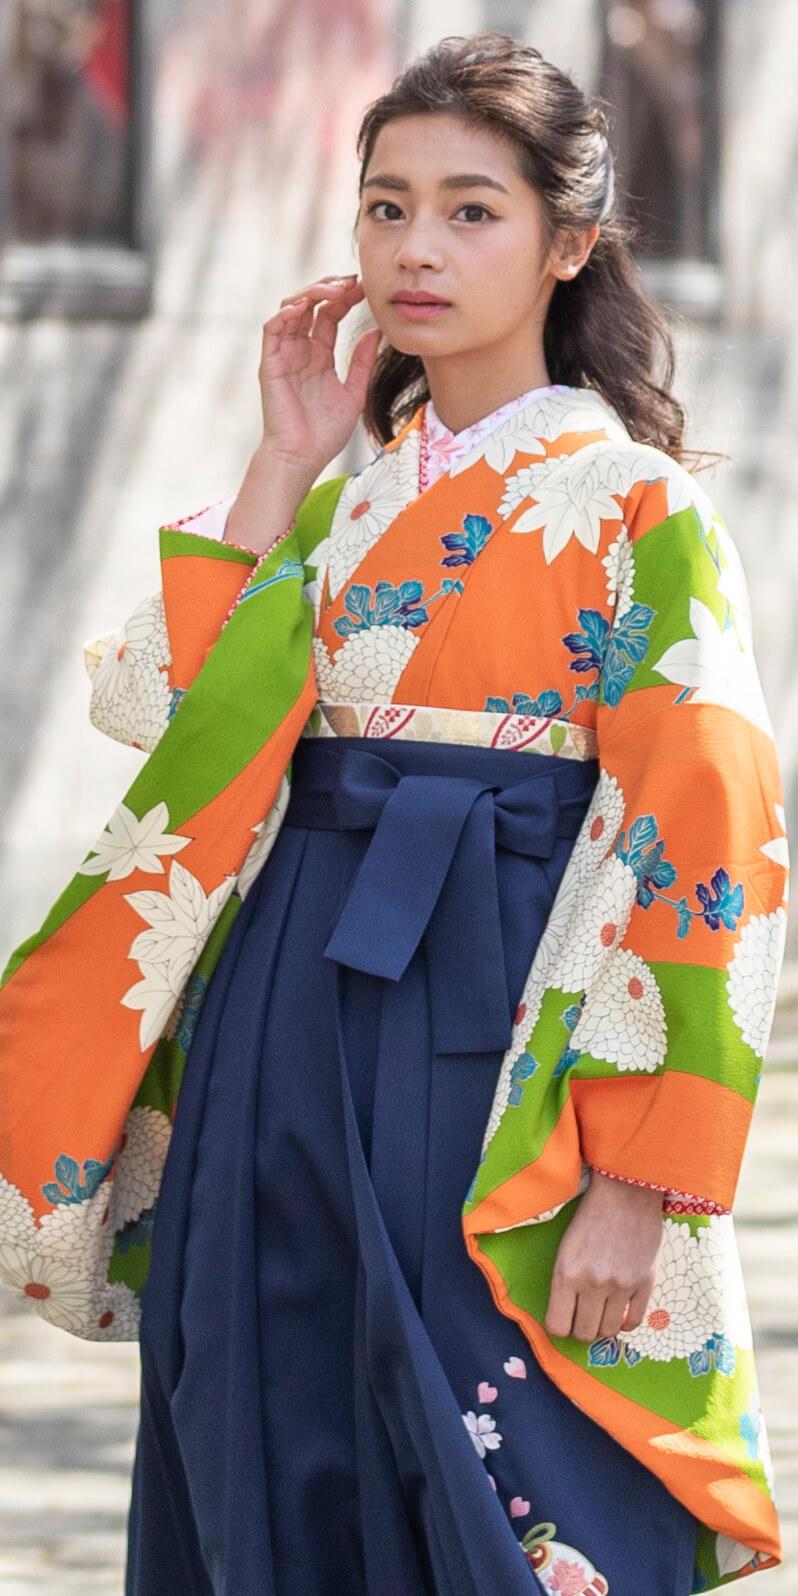 着物:オレンジ黄緑に大菊